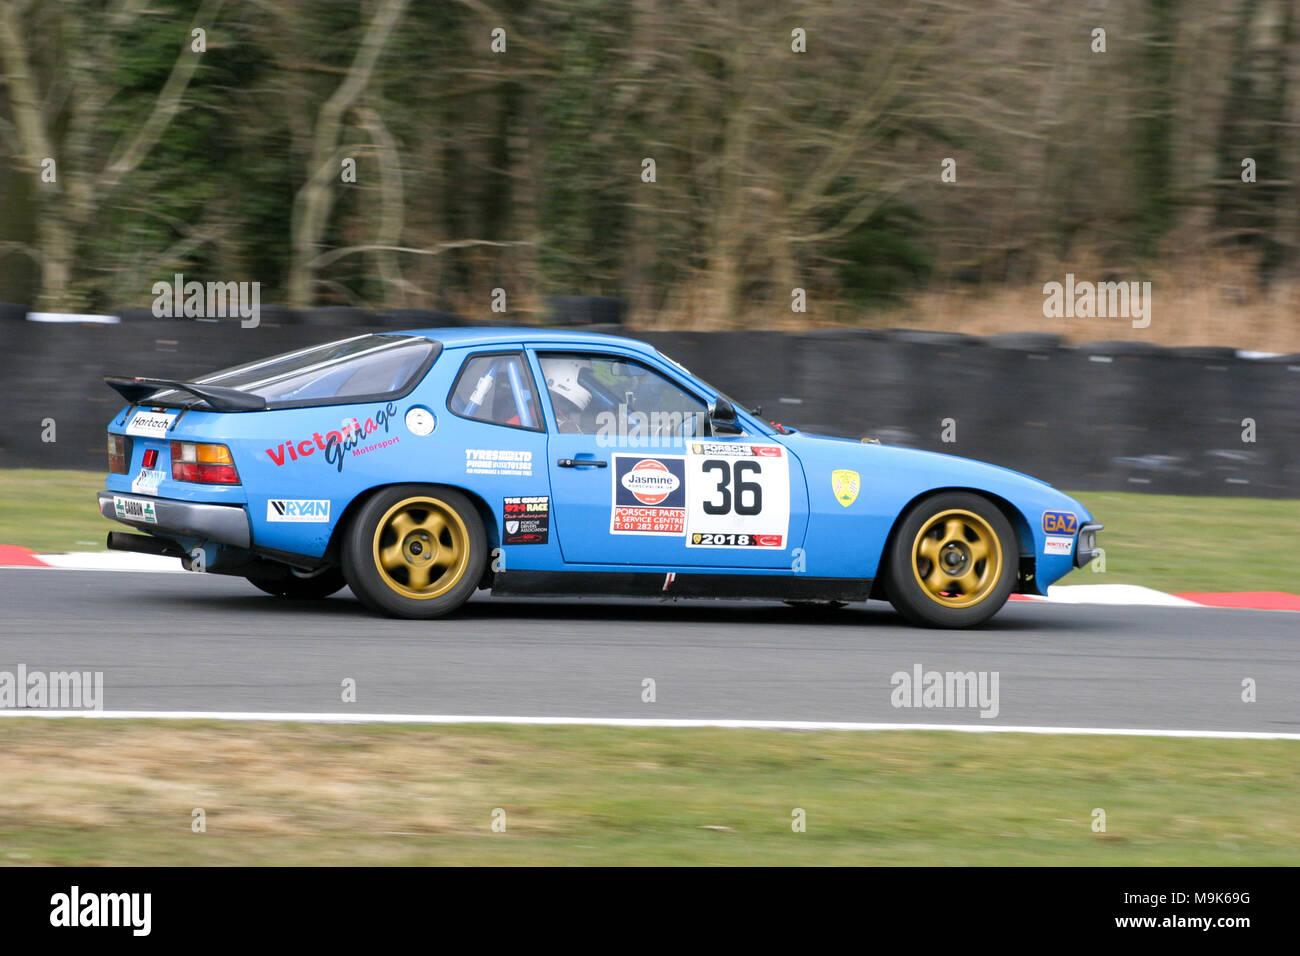 Porsche 924 Stock Photos Amp Porsche 924 Stock Images Alamy